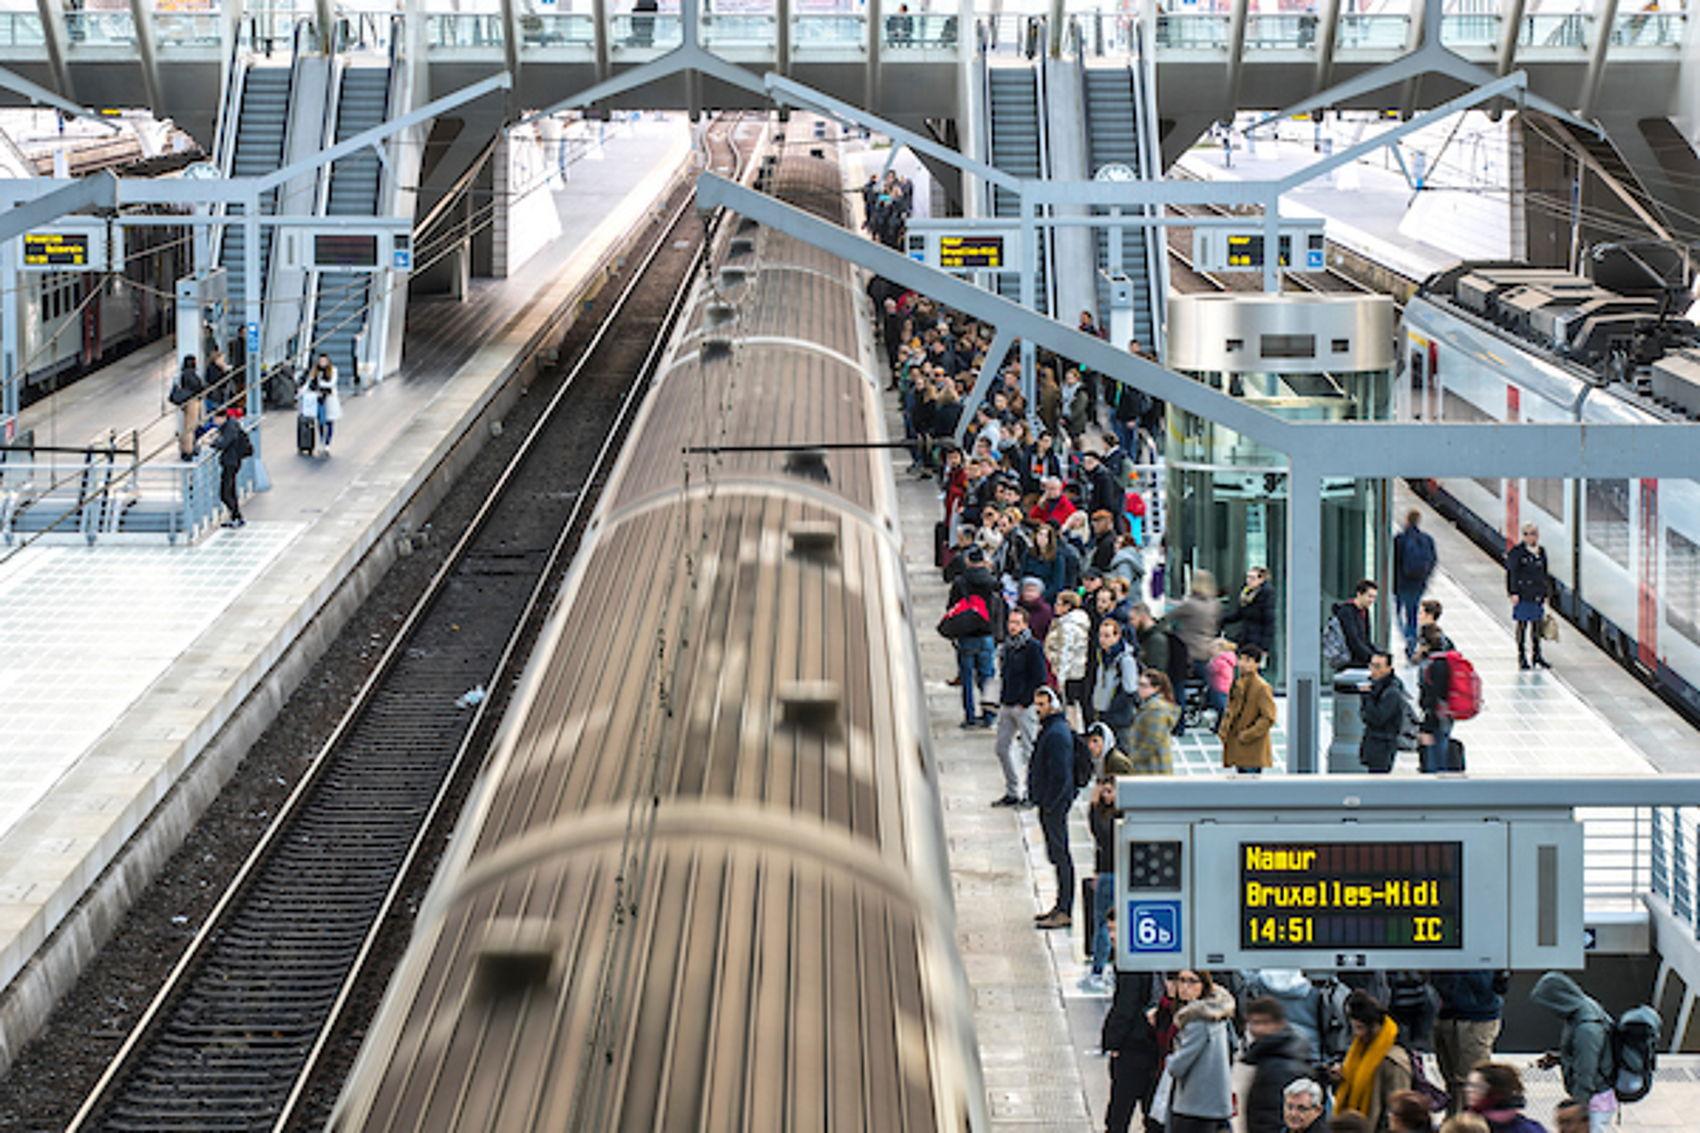 Station Luik, één van de stations, naast onder andere het Duitse Aachen en het Nederlandse Maastricht, in het traject van de Drielandentrein.